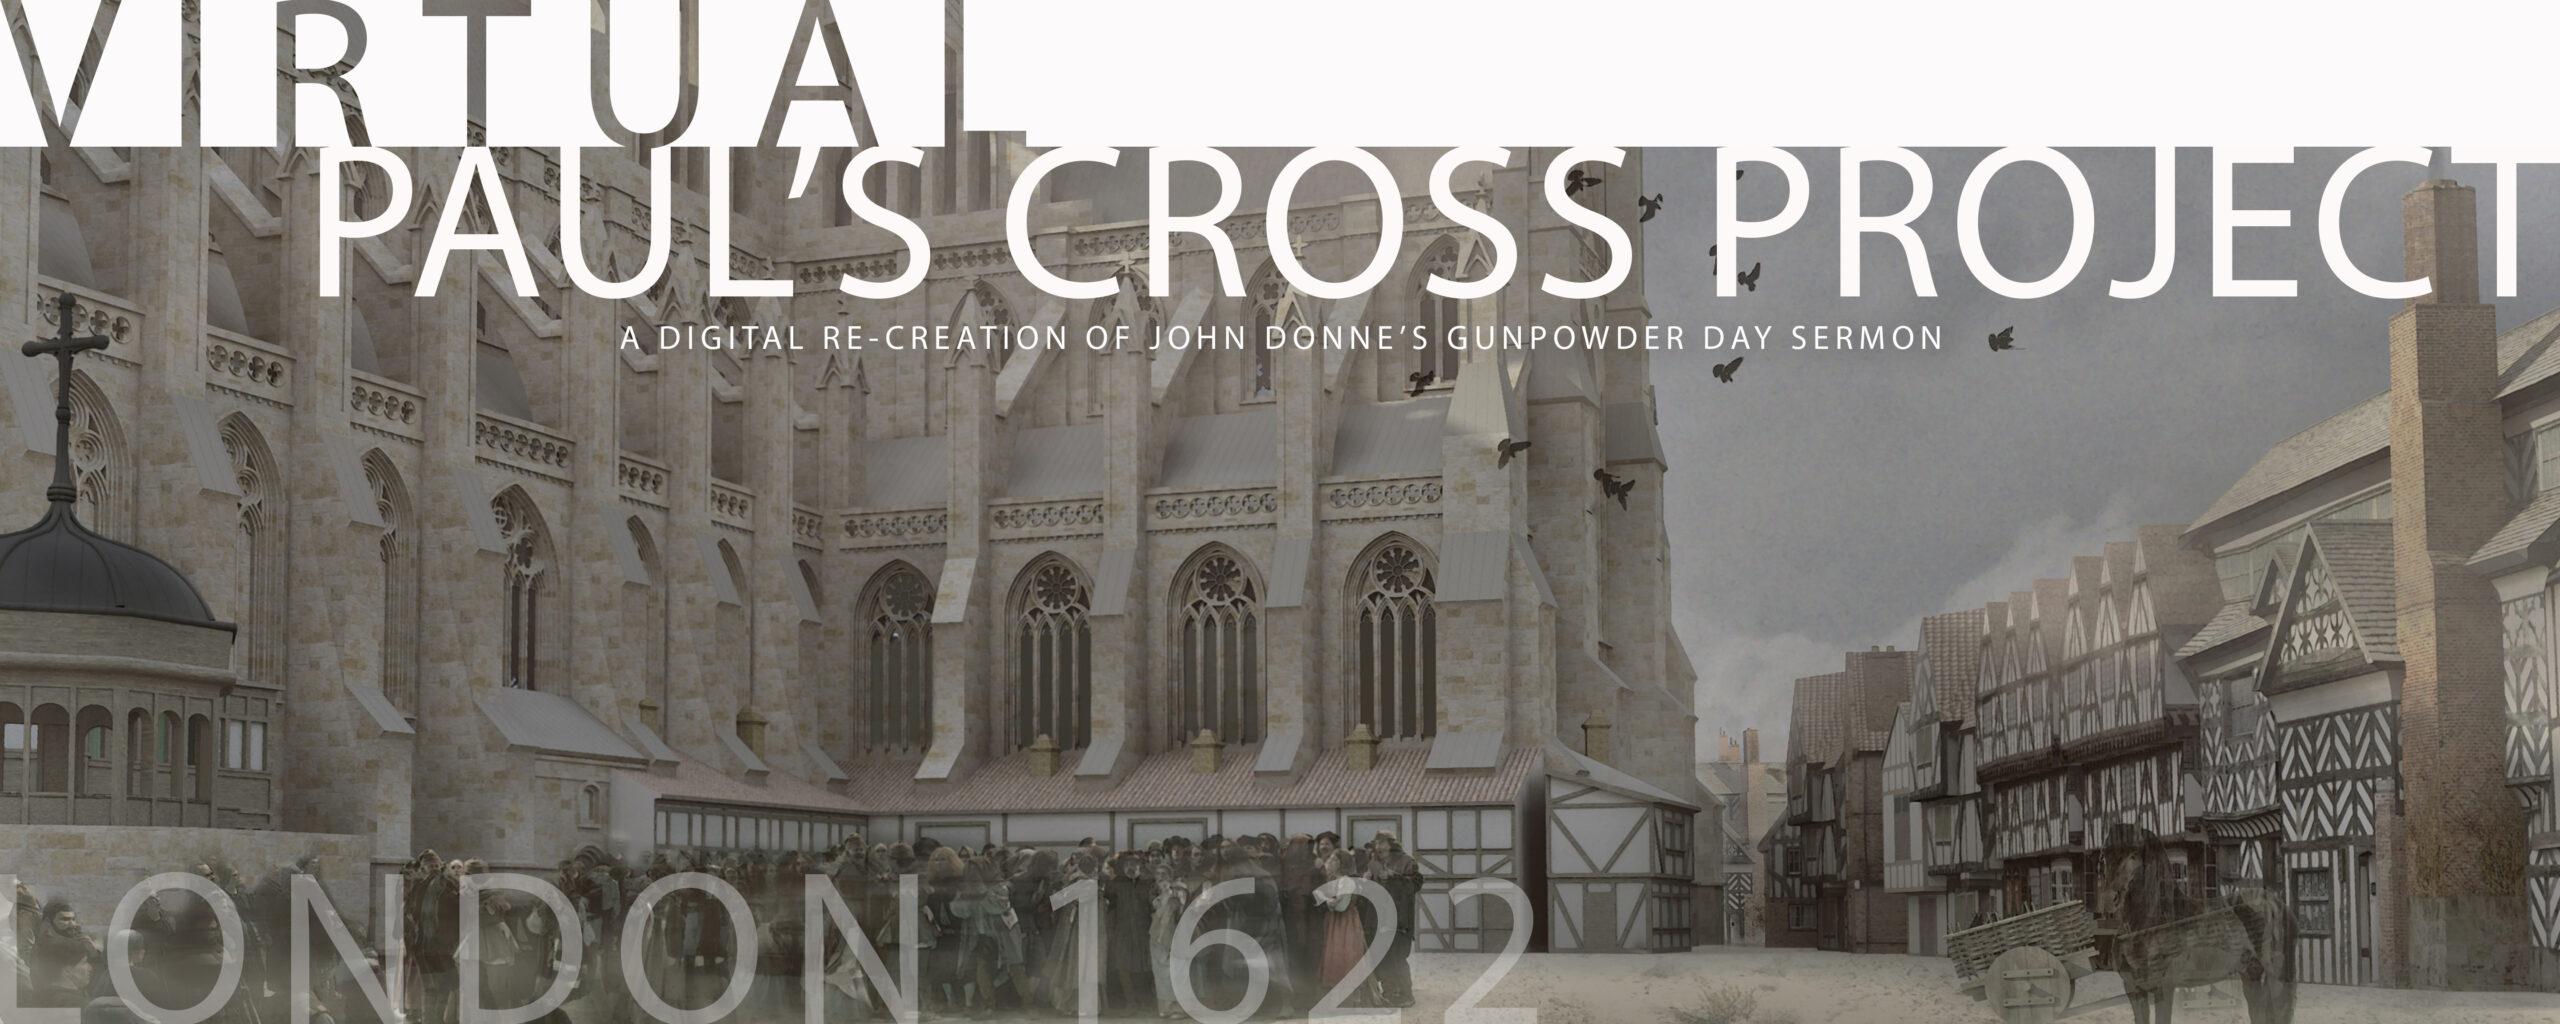 Virtual Pauls Cross Website